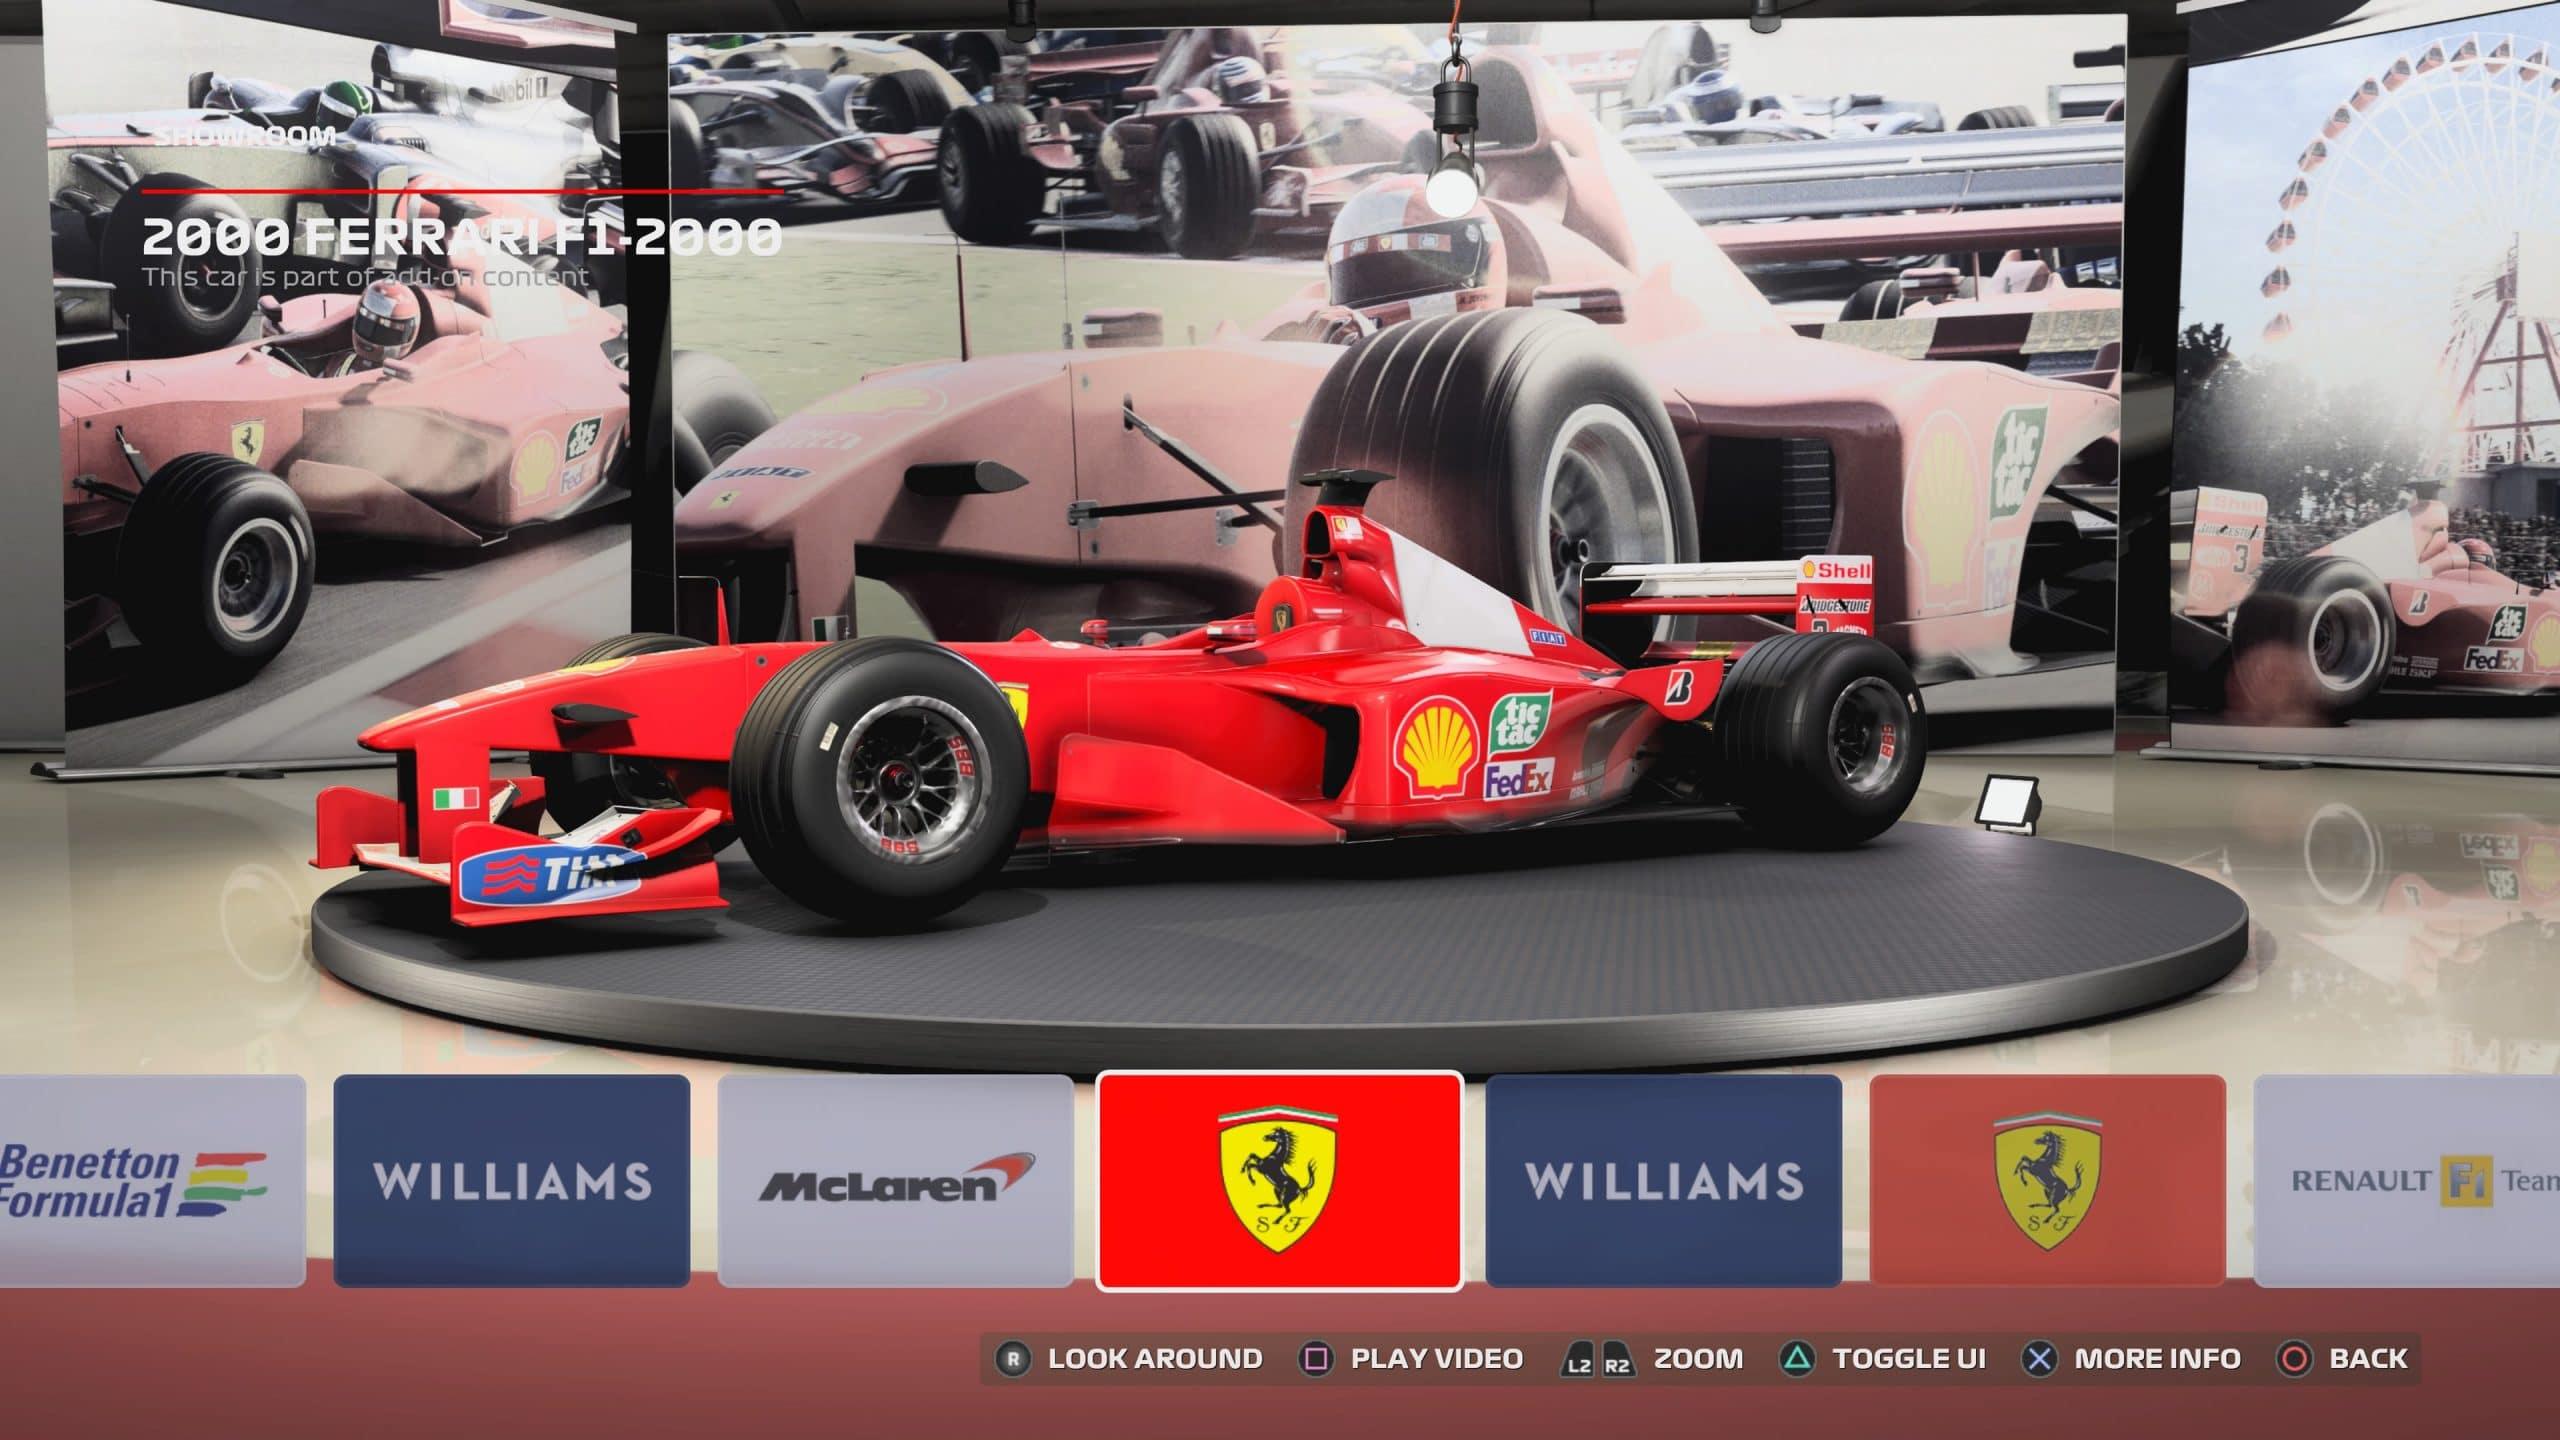 Carros históricos de Schumacher estão no game (Foto: Reprodução/Thiago Barros)